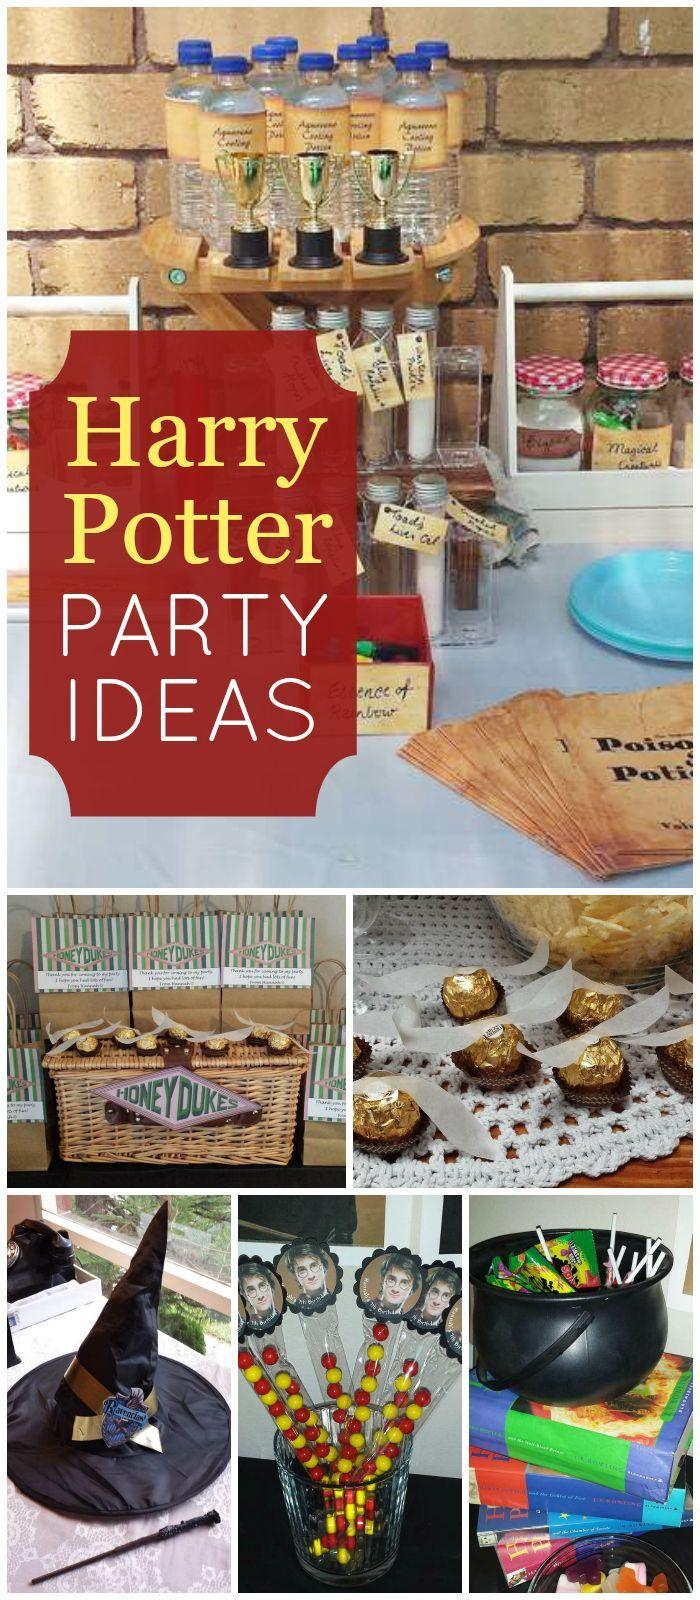 die besten 25 harry potter weihnachten ideen auf pinterest harry potter weihnachts geschenke. Black Bedroom Furniture Sets. Home Design Ideas